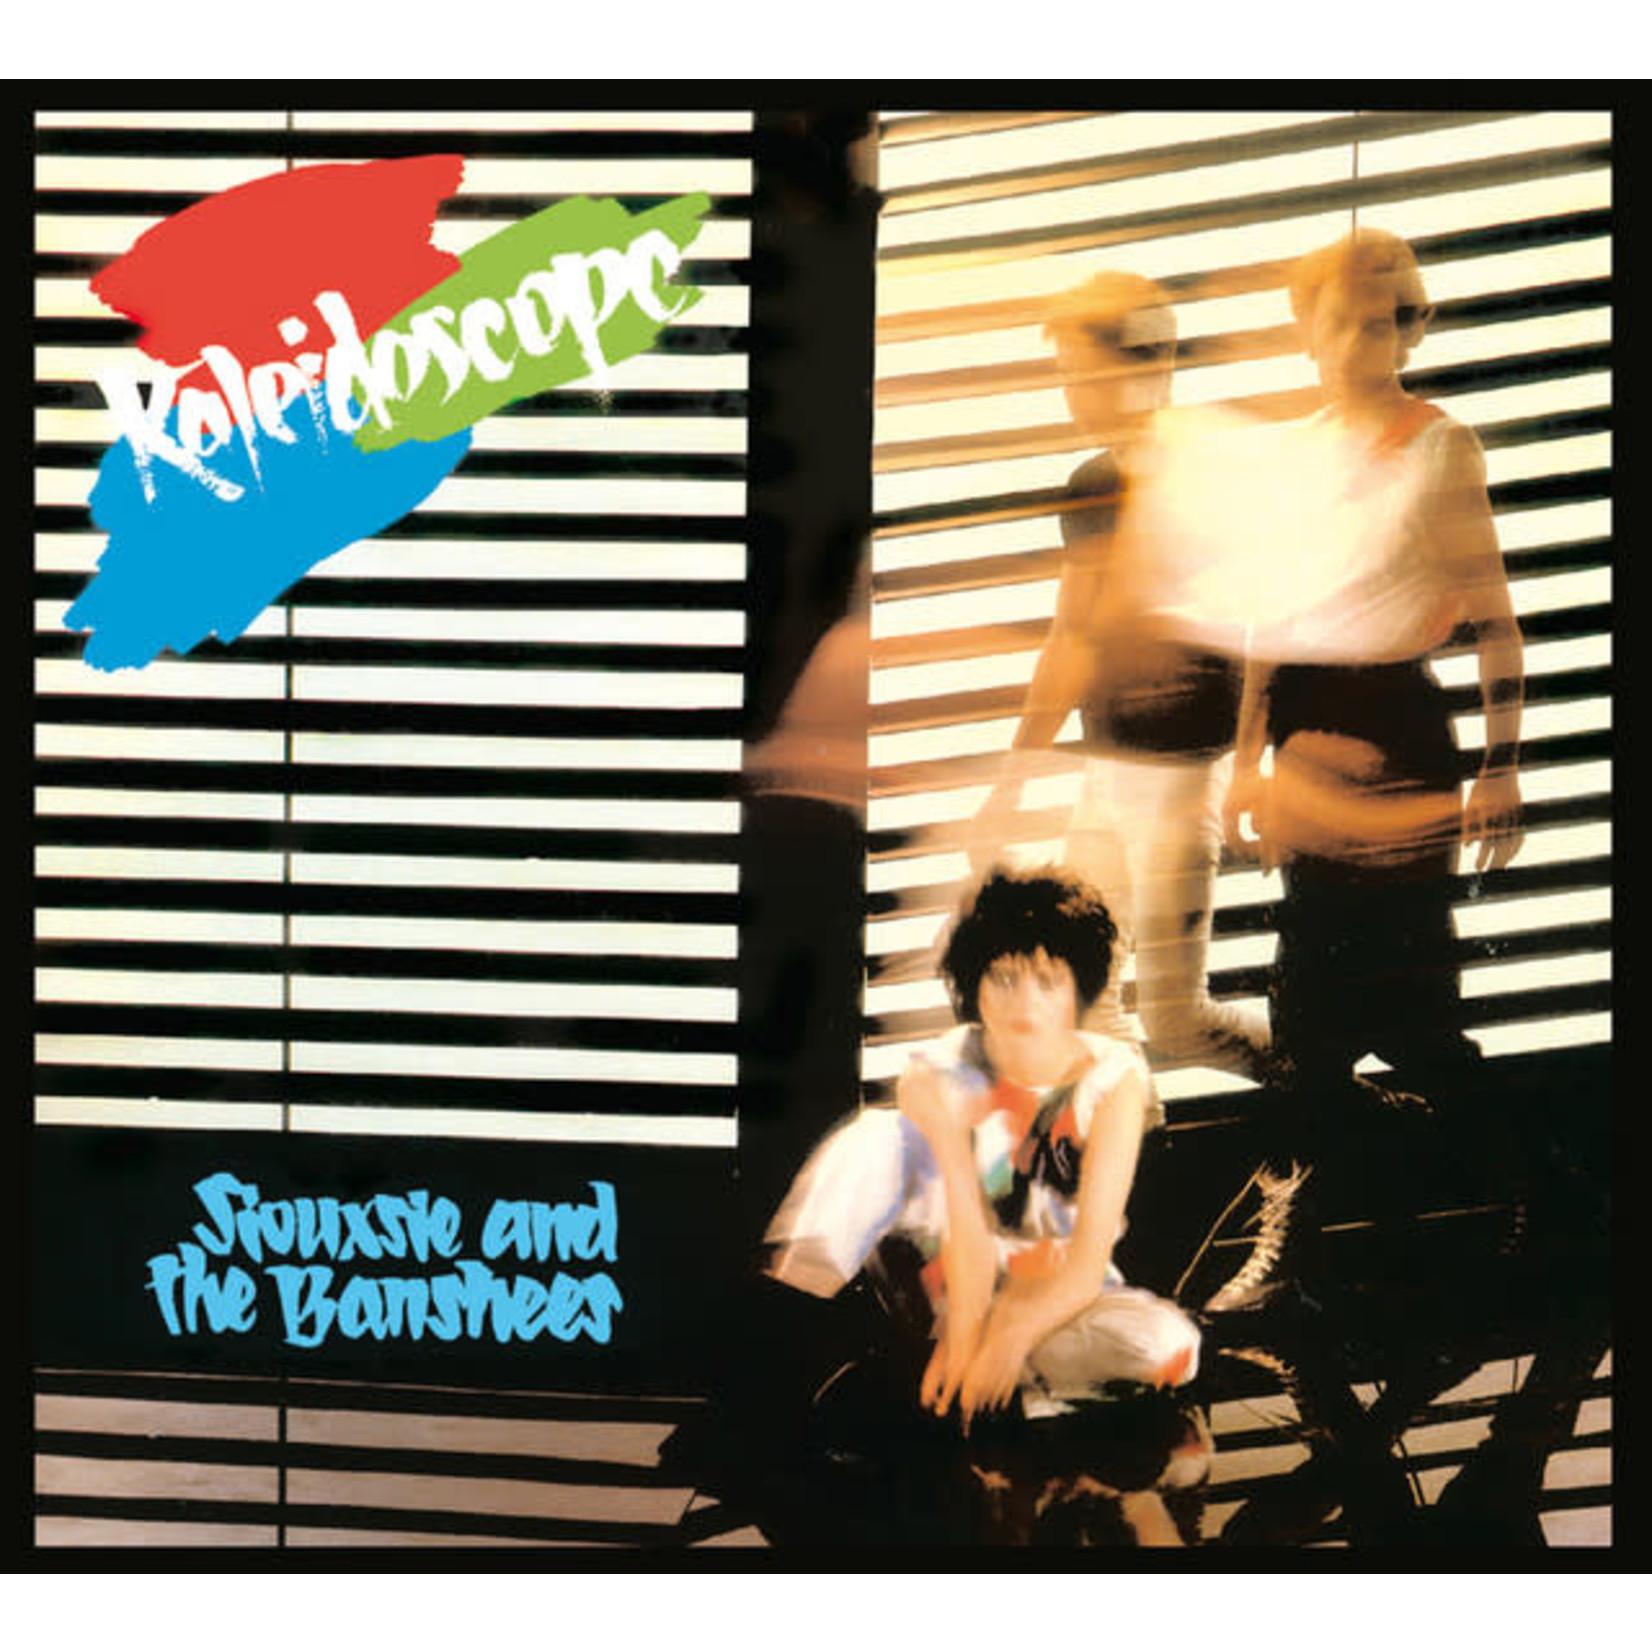 Vinyl Siouxsie & The Banshees - Kaleidoscope